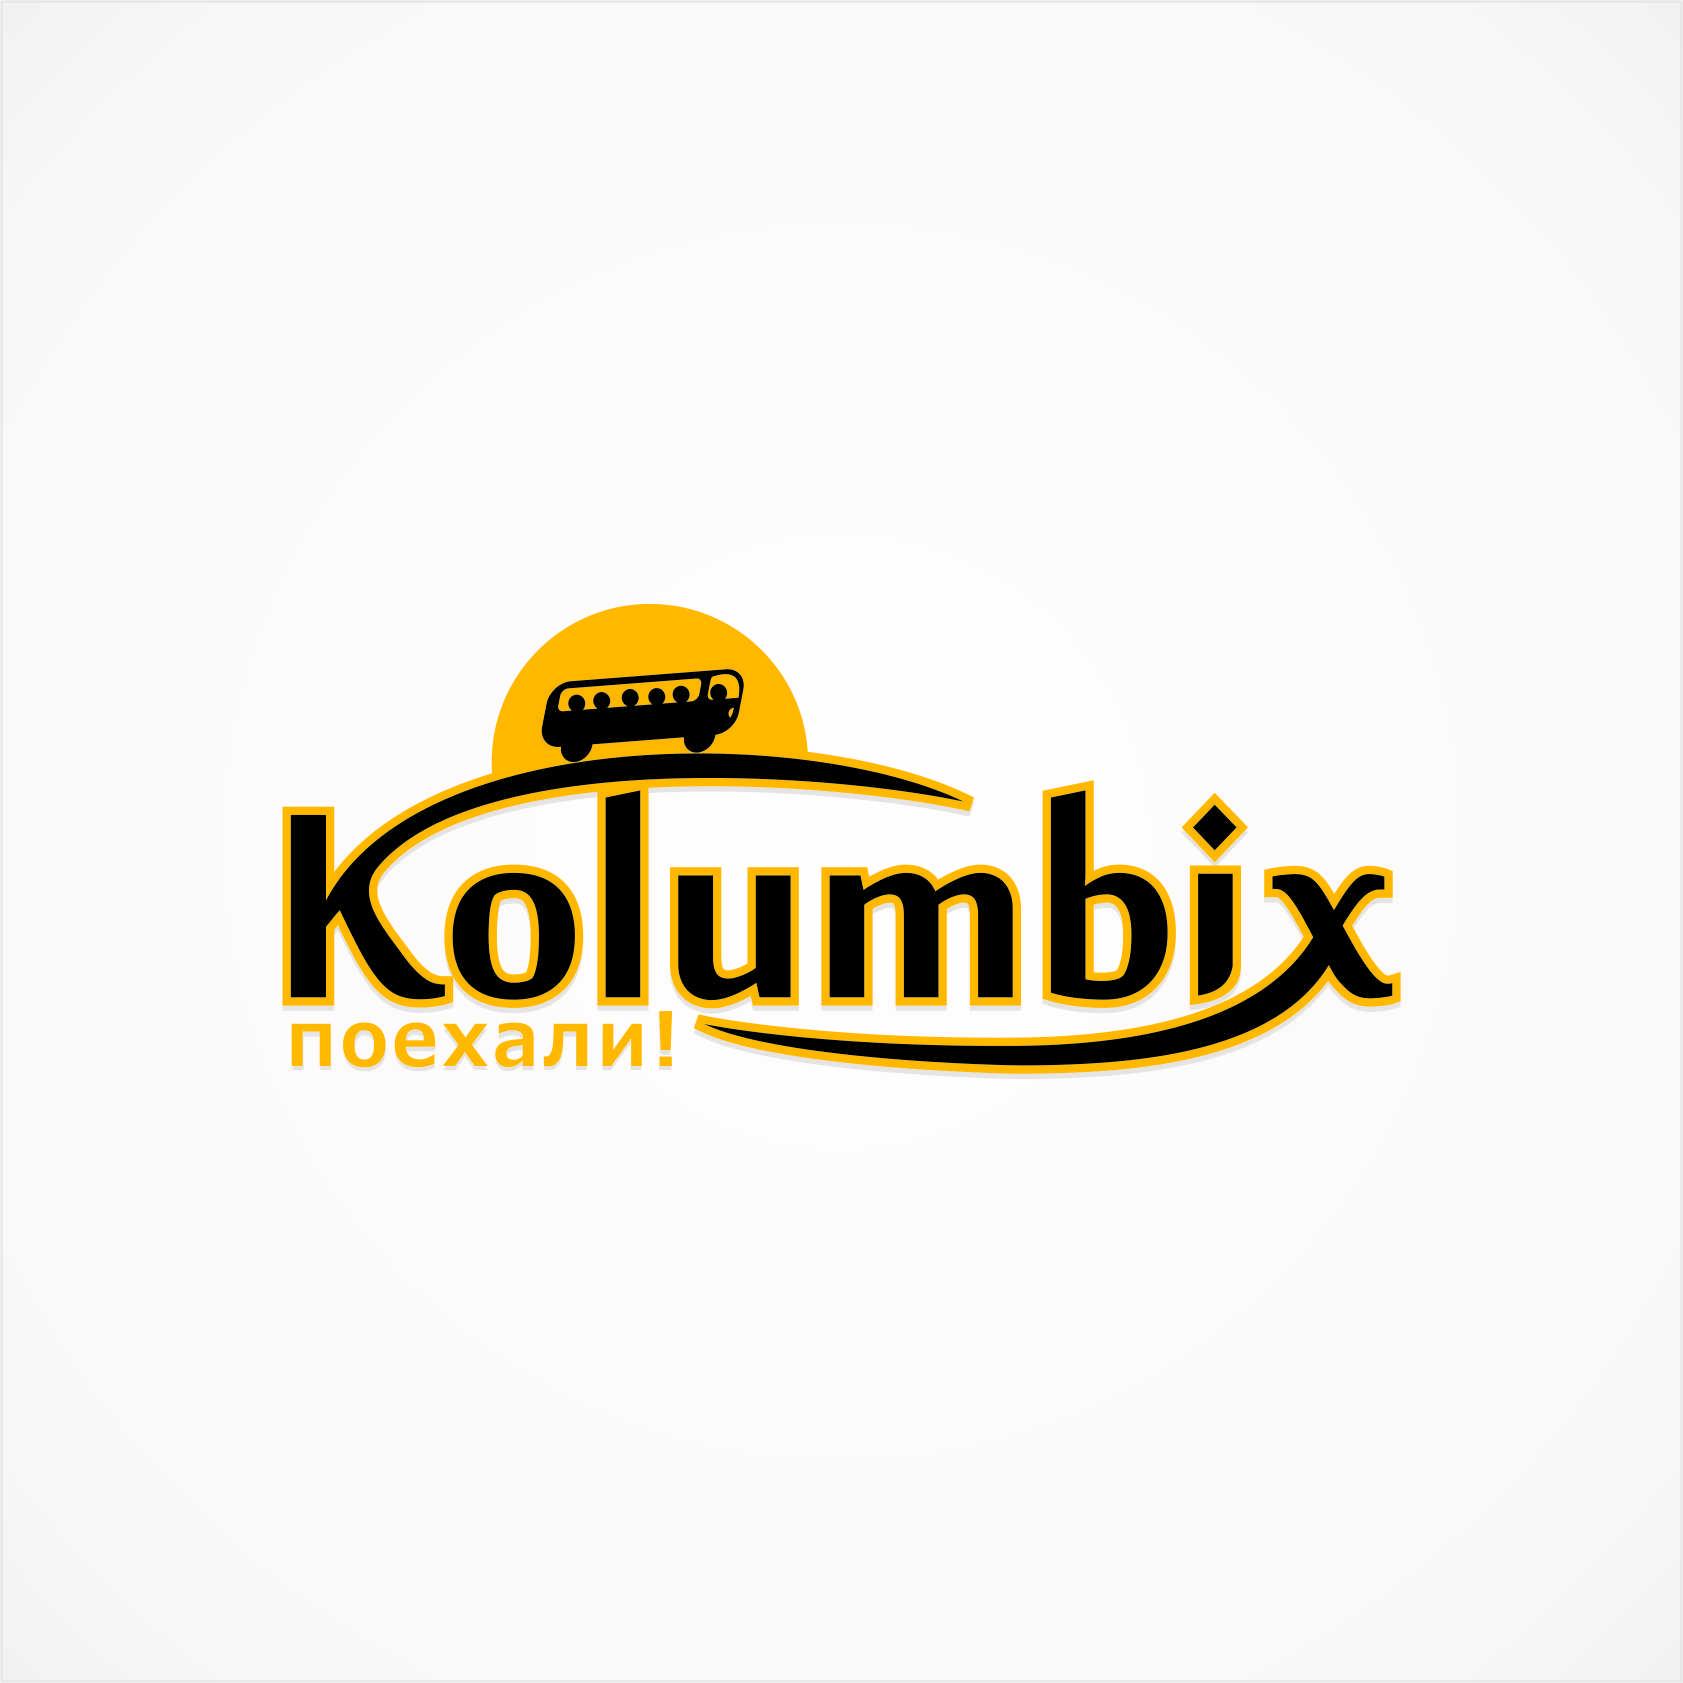 Создание логотипа для туристической фирмы Kolumbix фото f_4fb632914a2b4.jpg